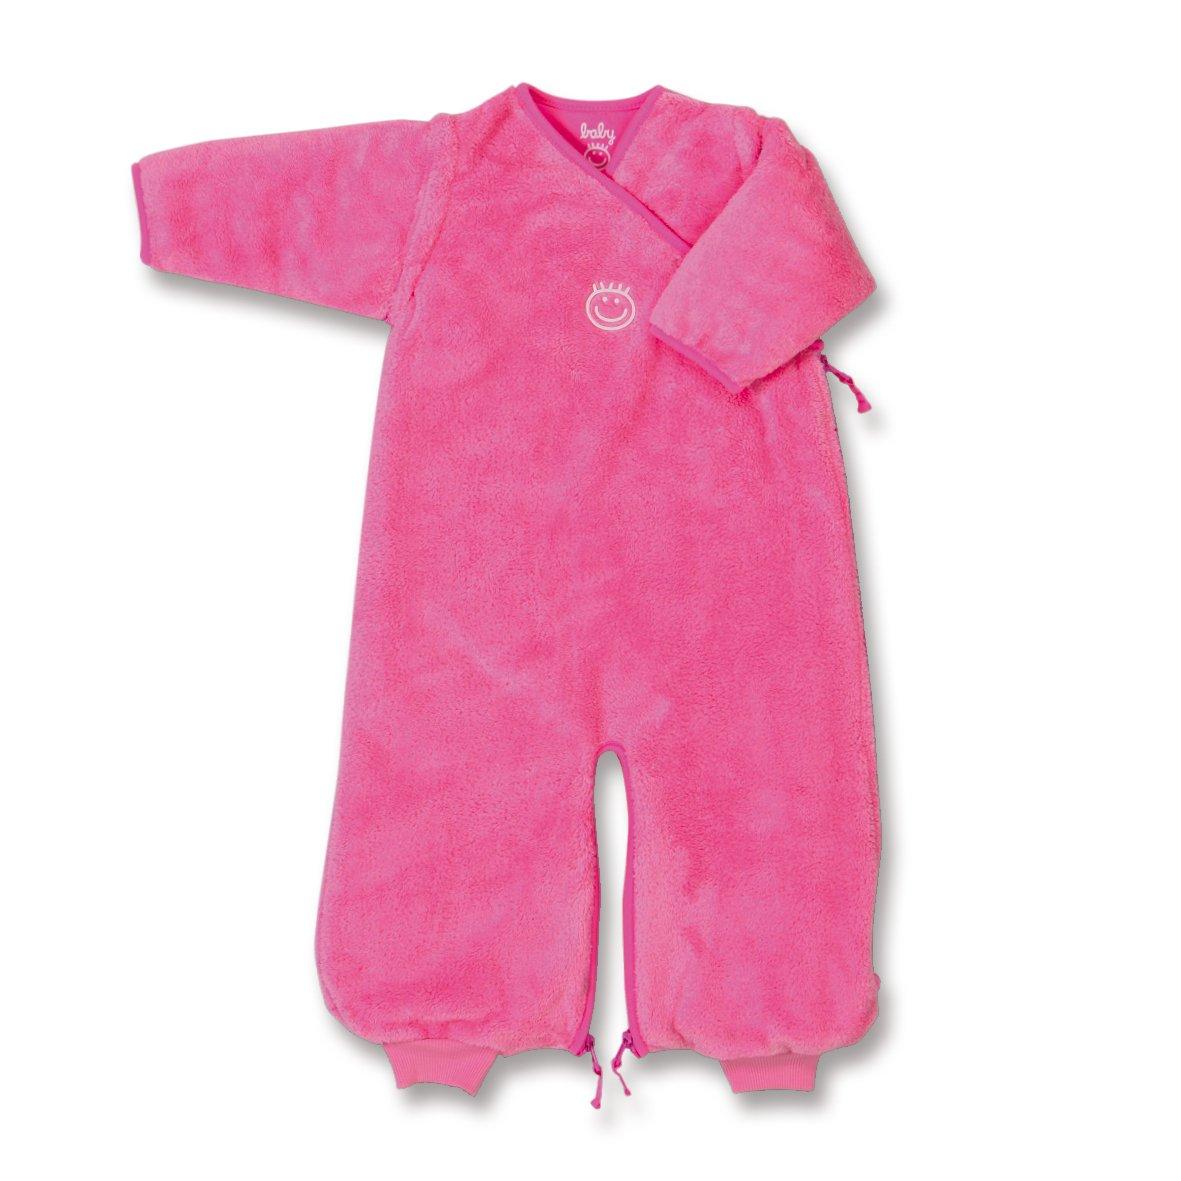 Bemini by Baby Boum Gigoteuse hiver 3-9 Mois Softy Jade TOG 2.3 Babyboum 155SOFTY75